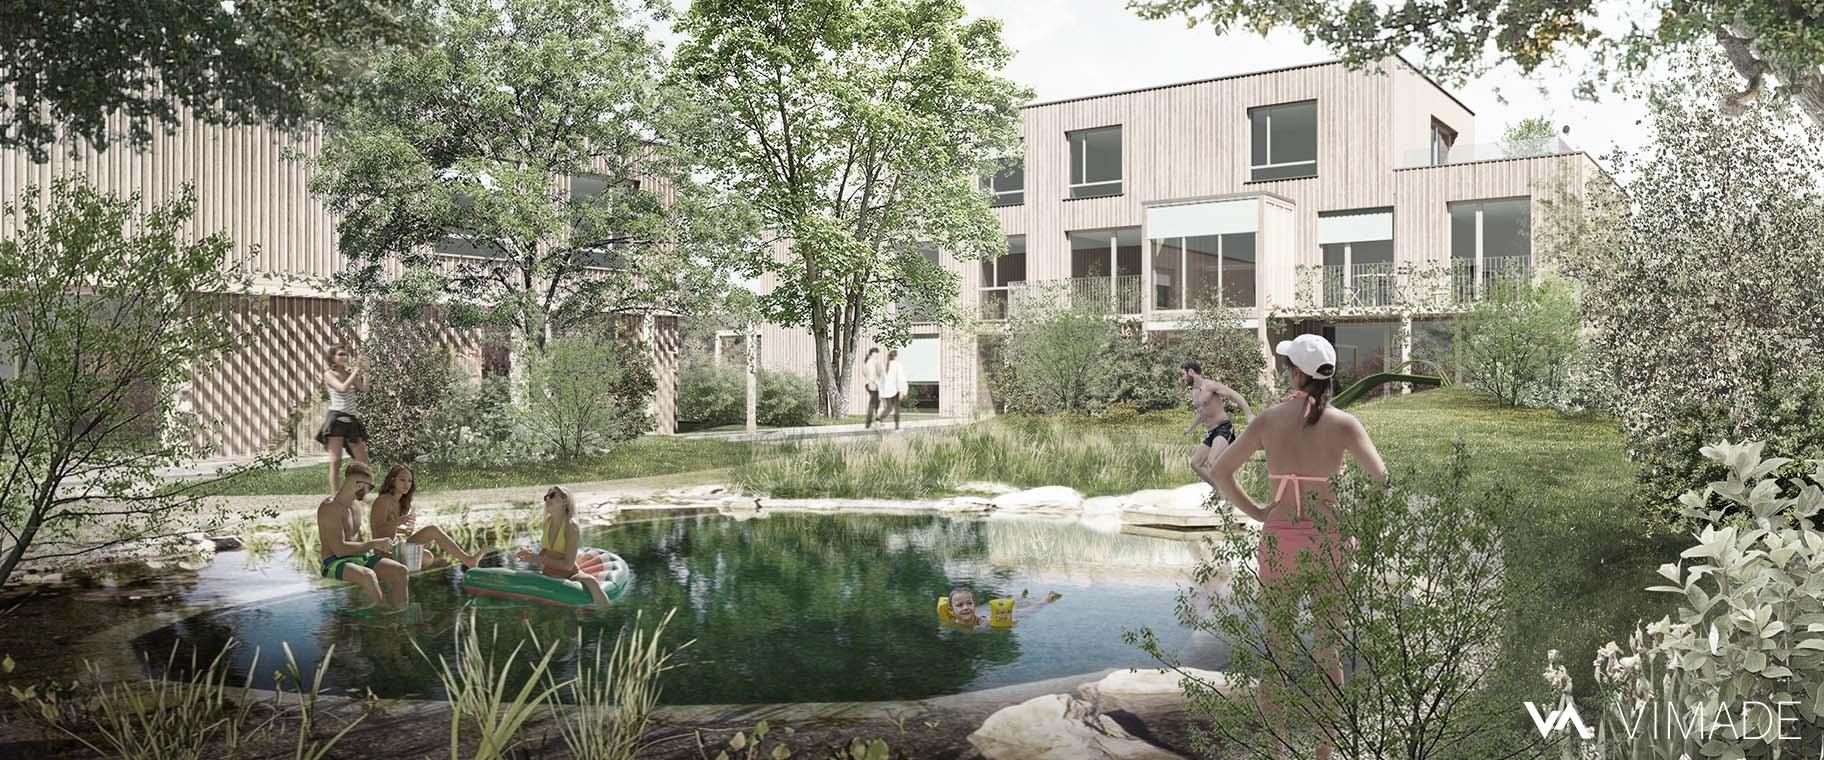 Projet d'aménagement paysager écologique pour des logement collectifs à Pinchat, Veyrier avec piscine écologique par VIMADE Architectes paysagistes.